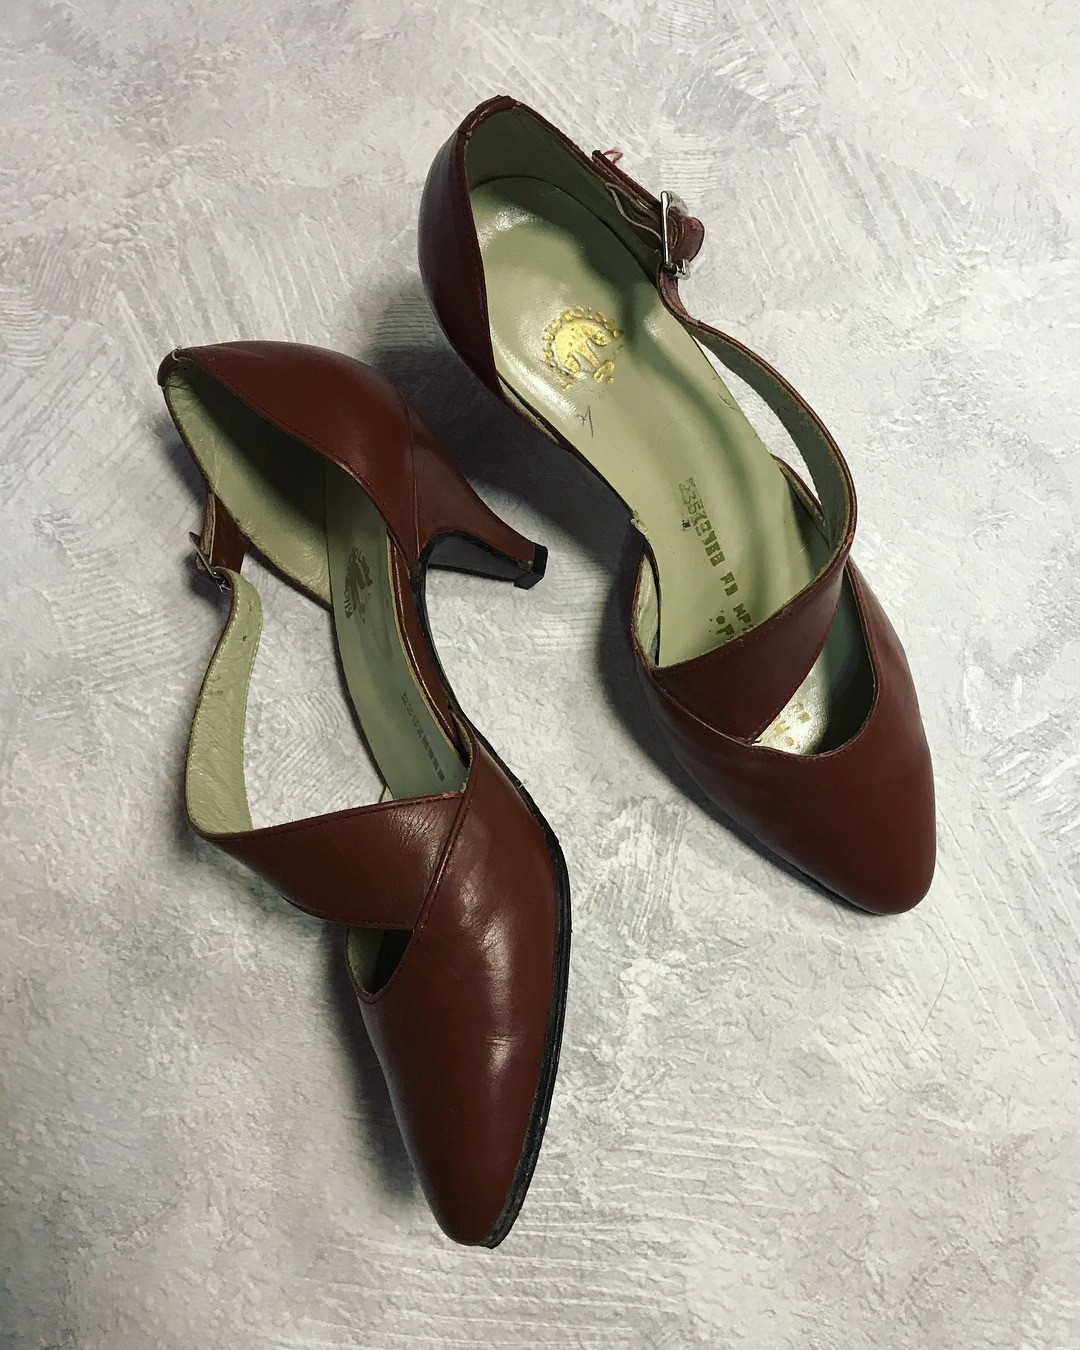 Советскую обувь часто ругают з&...